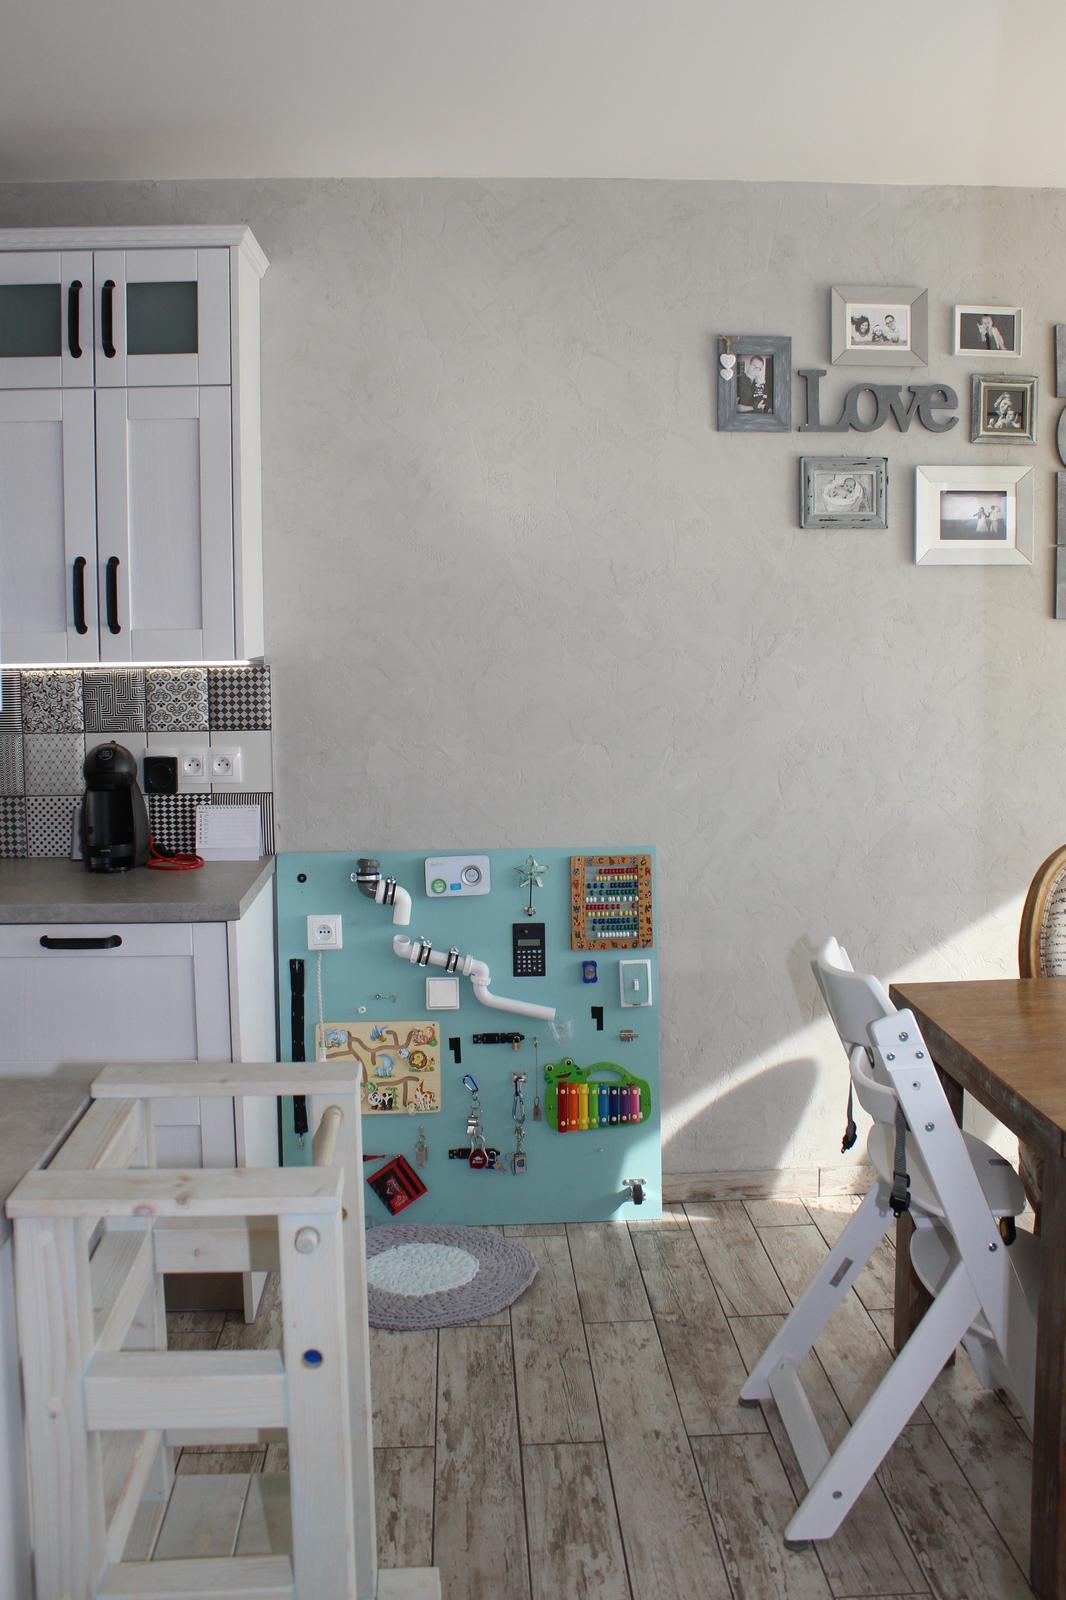 Finální podoba našeho bydlení ... i když člověk nikdy neví ;) - Obrázek č. 52